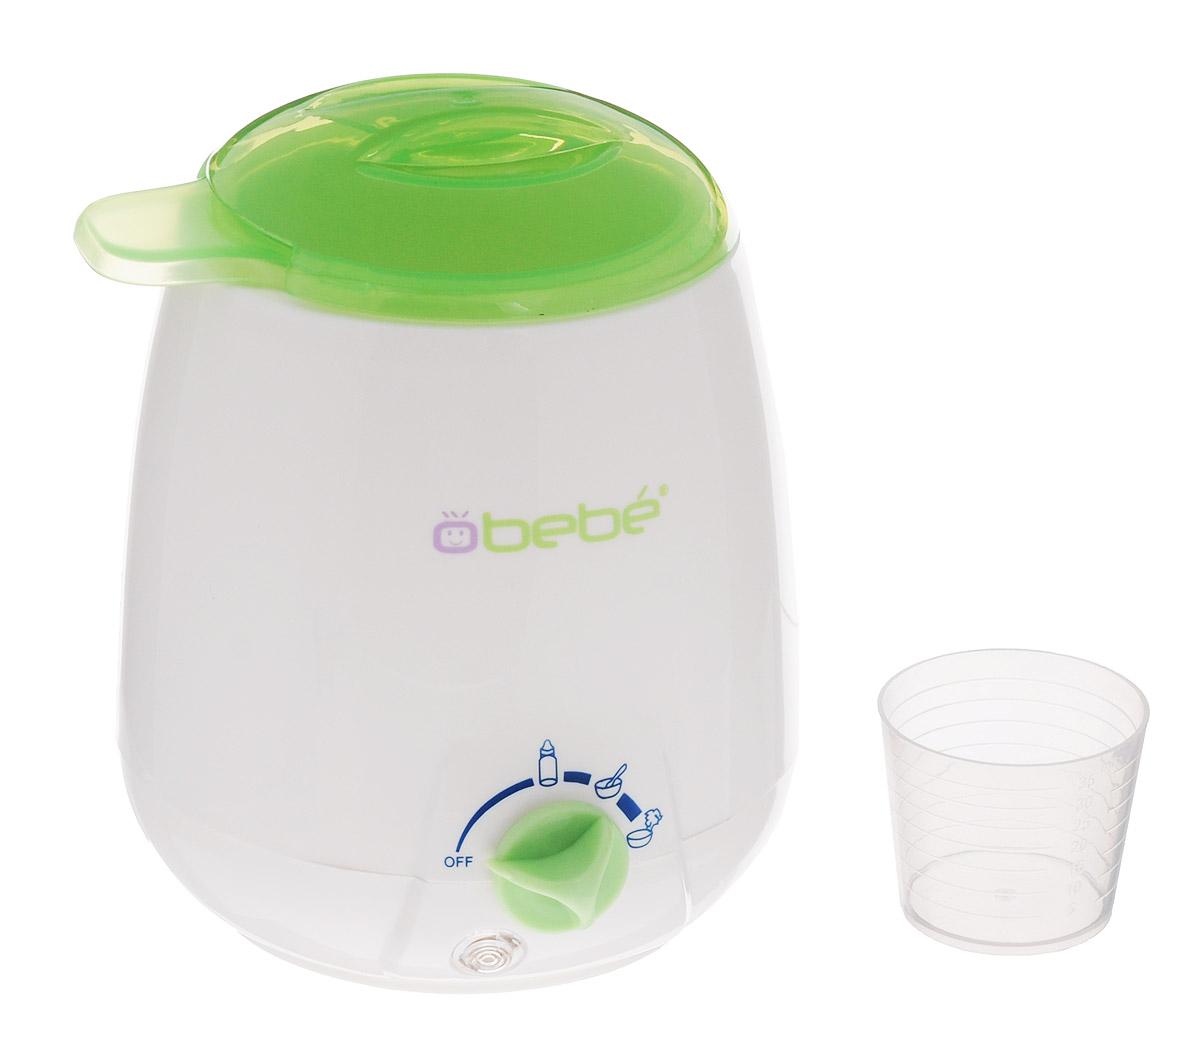 Bremed Подогреватель для бутылочек BD3200 - Все для детского кормления